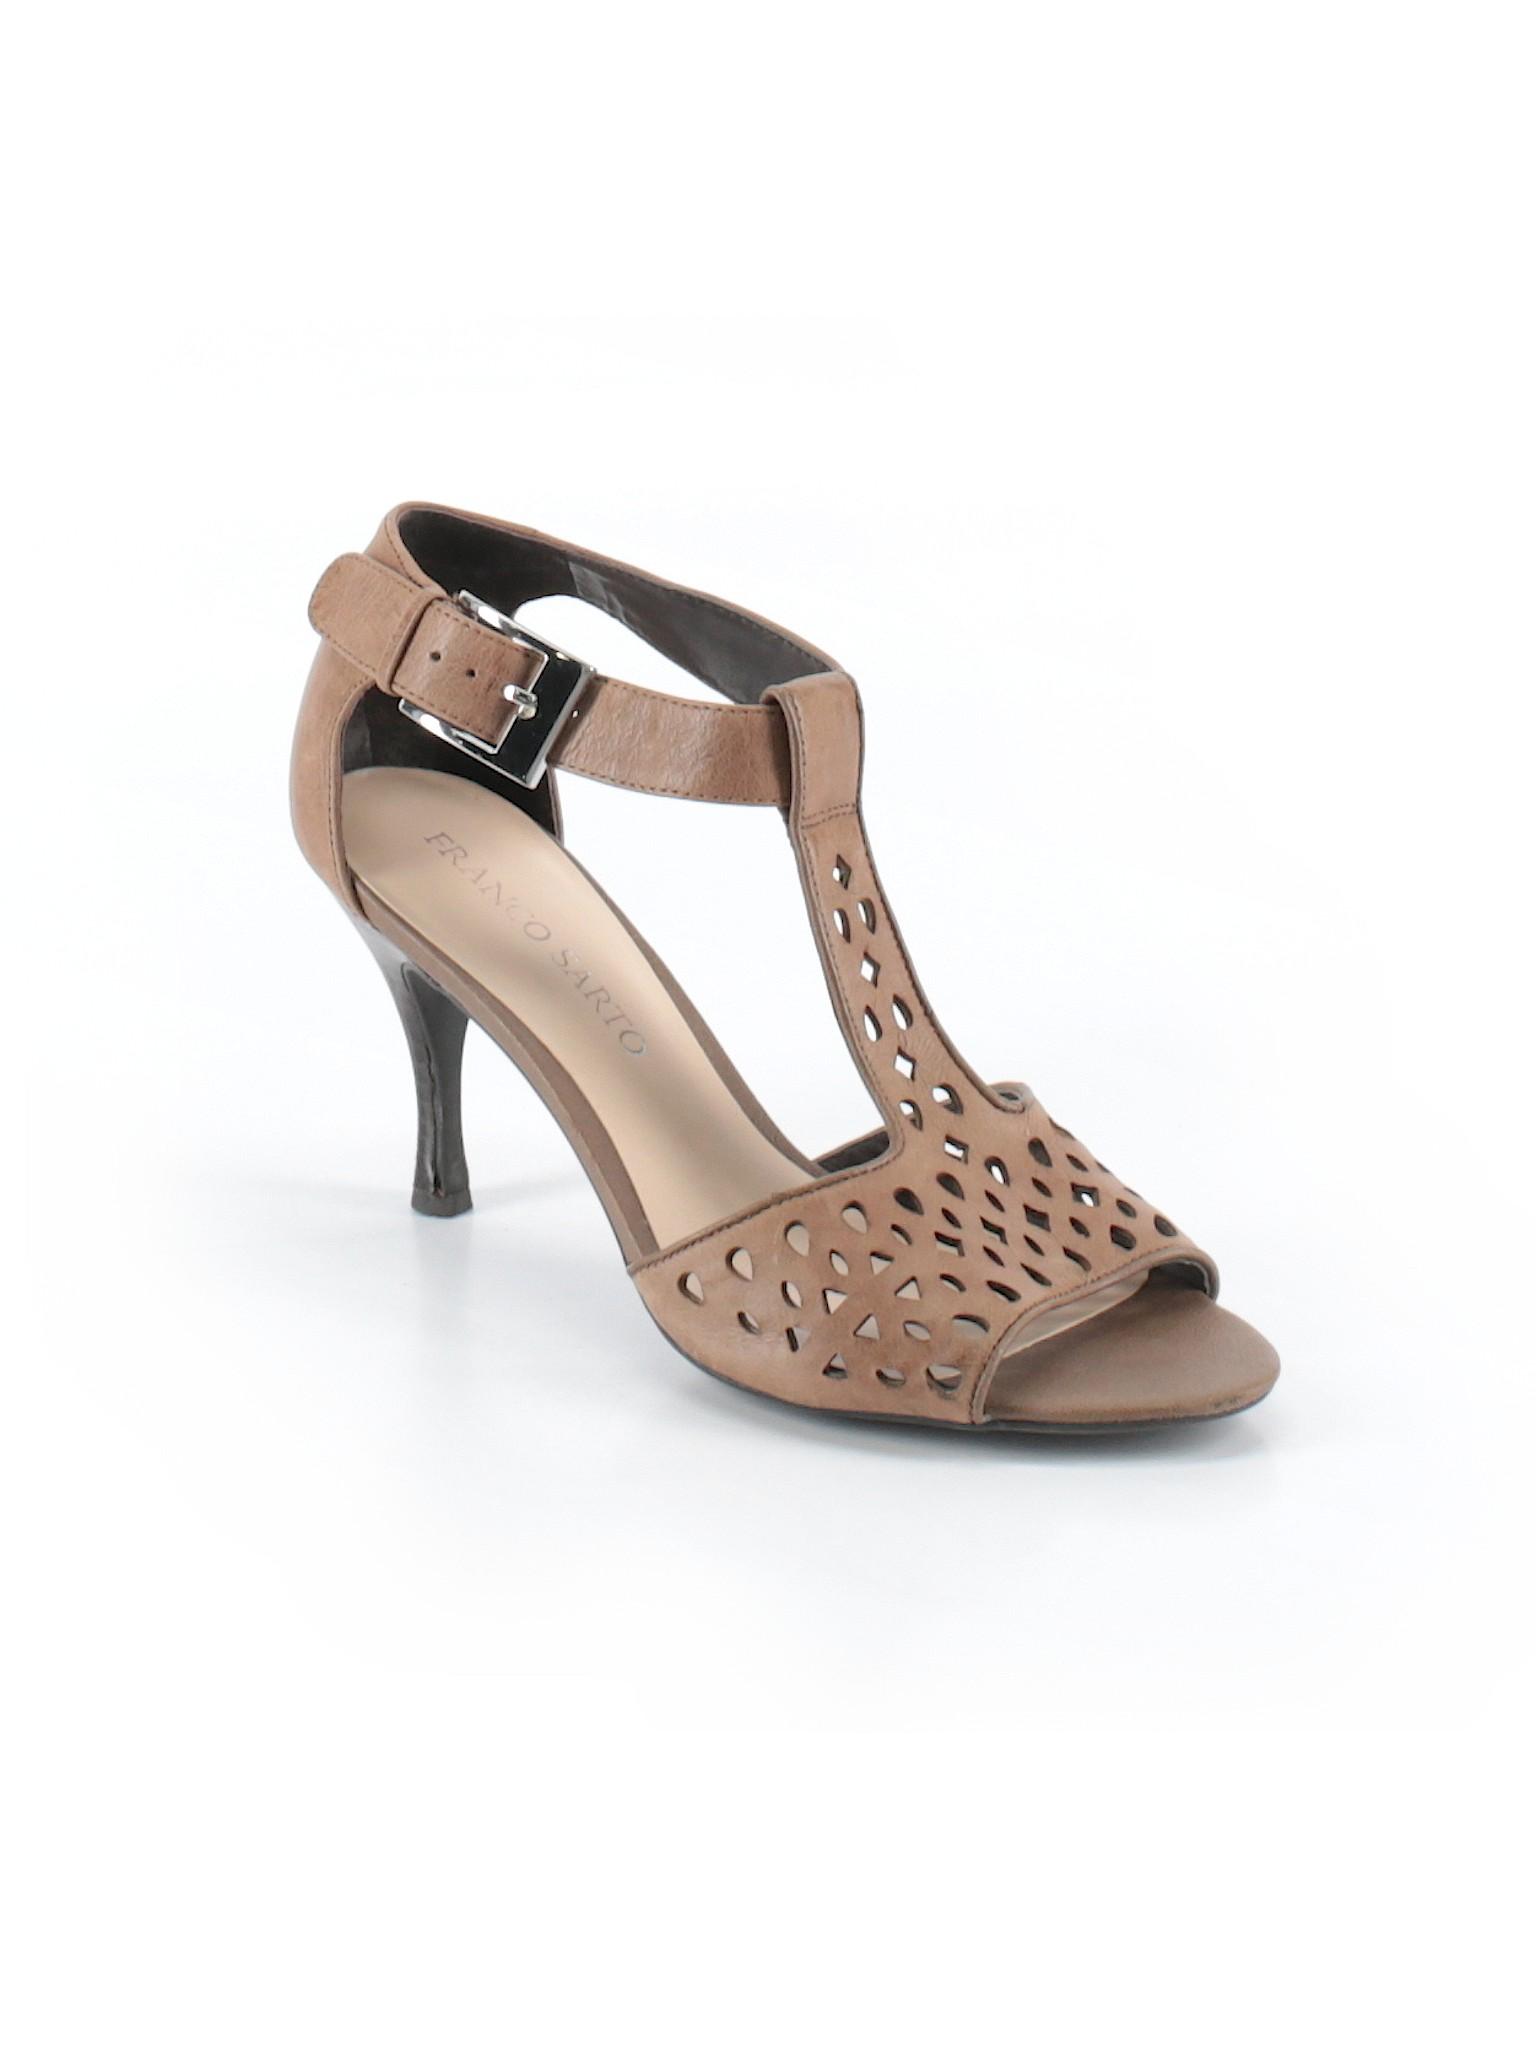 Boutique promotion Sarto Franco Sarto Franco Boutique Heels Heels promotion PwxHOaqC